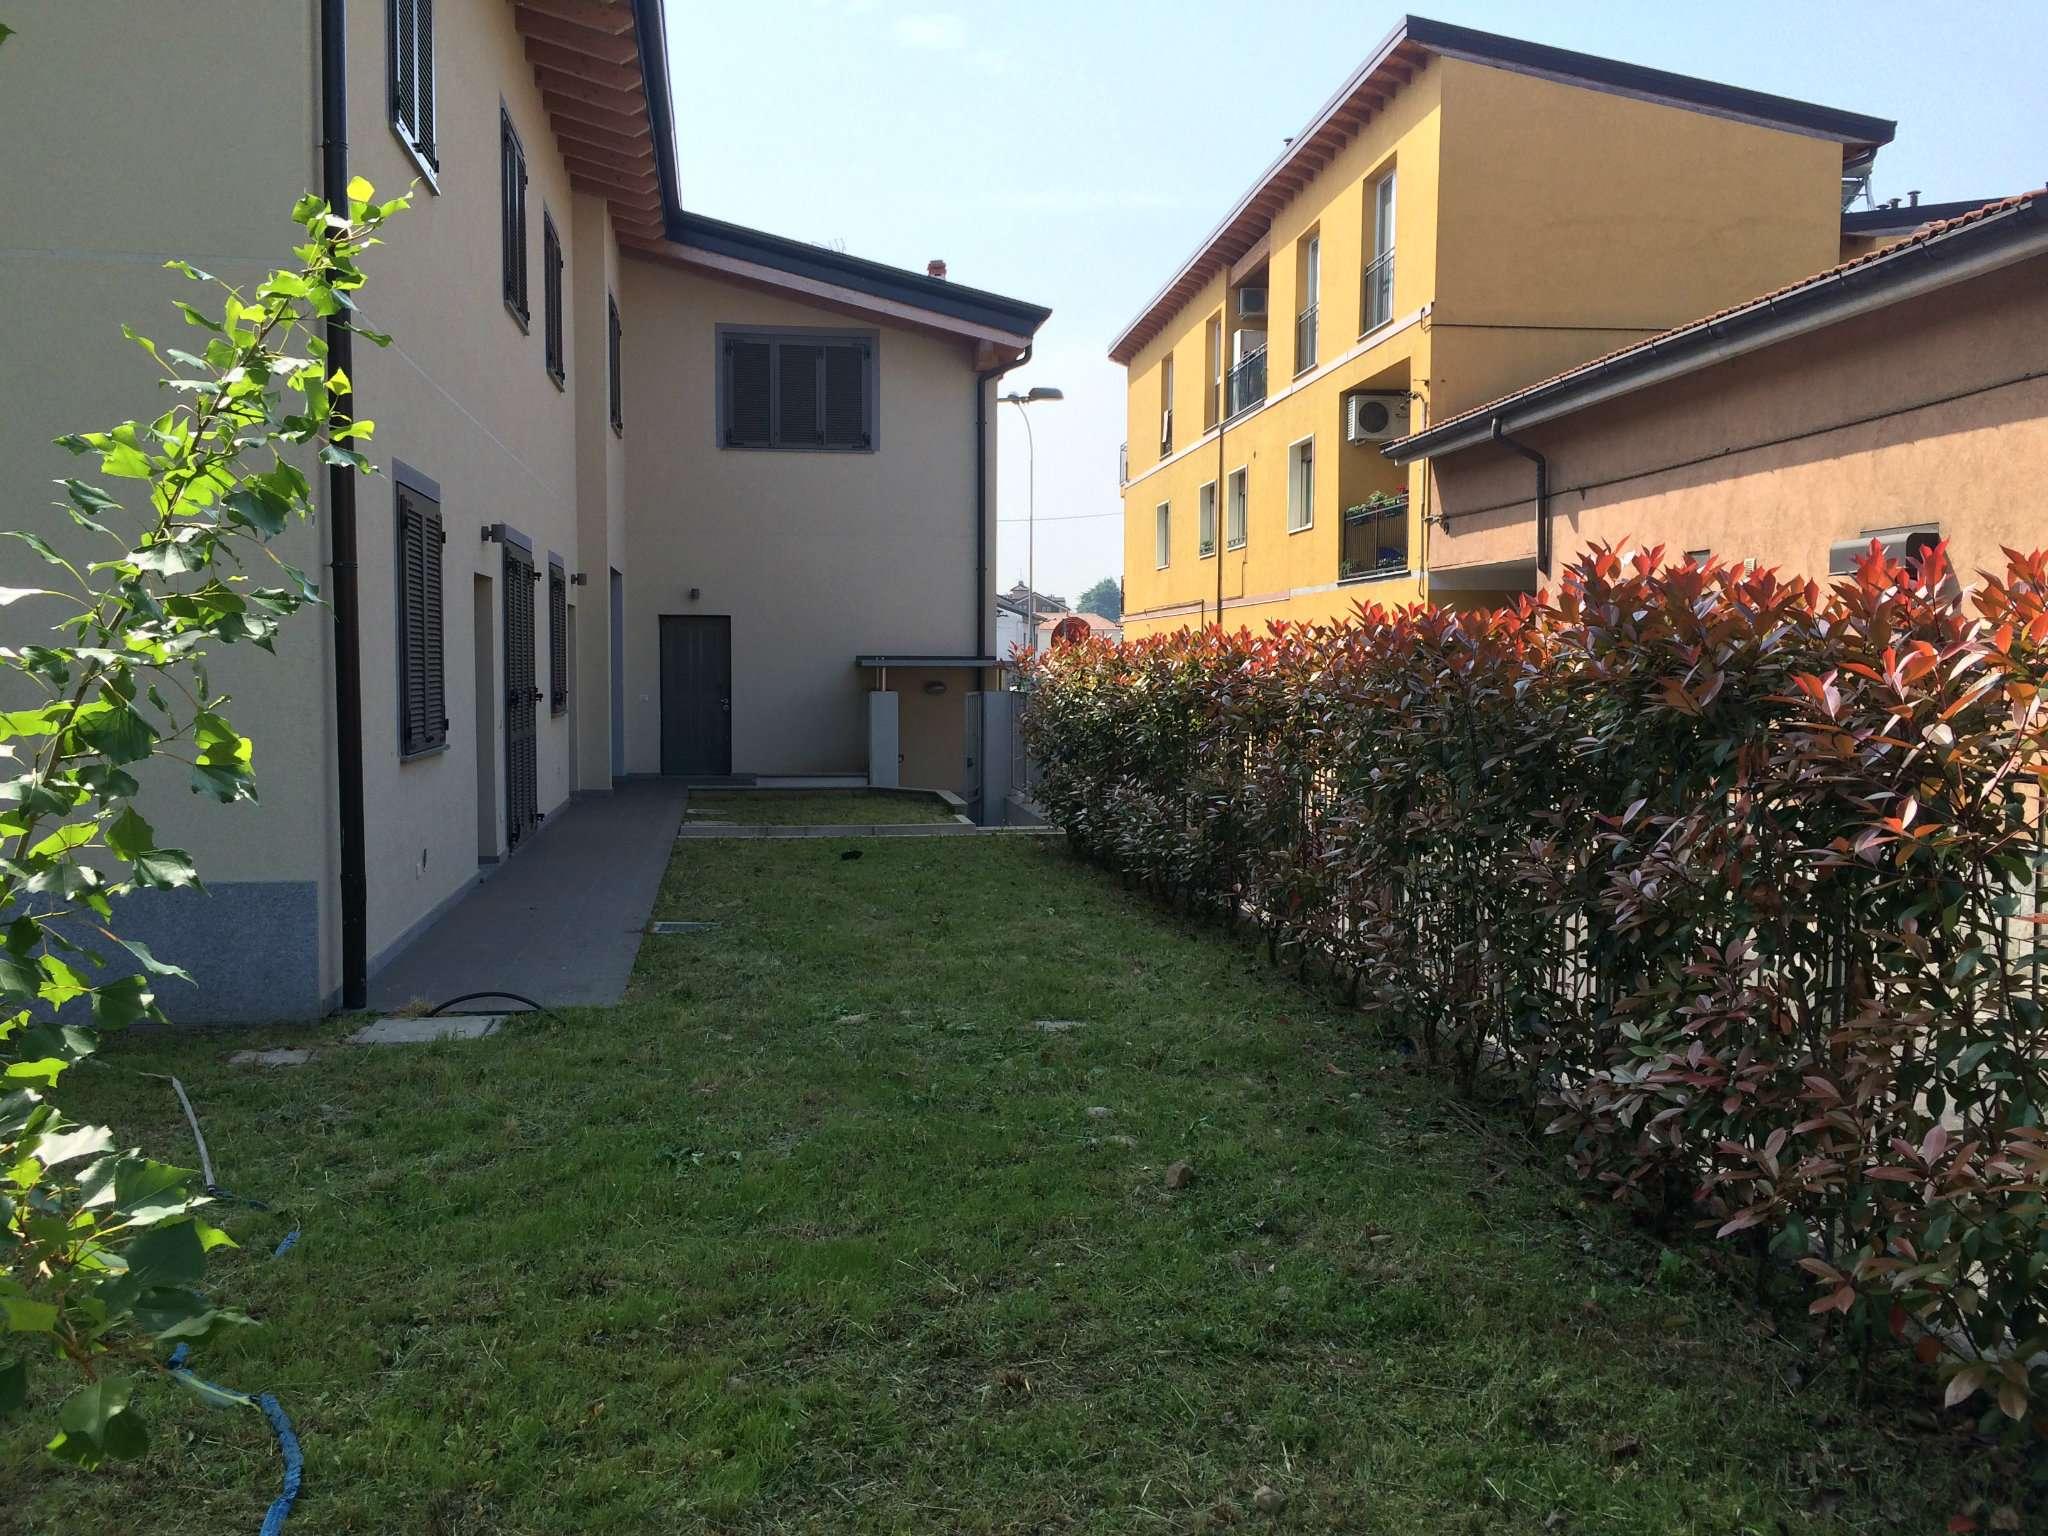 Villa in vendita a Nova Milanese, 9999 locali, prezzo € 312.000 | Cambio Casa.it